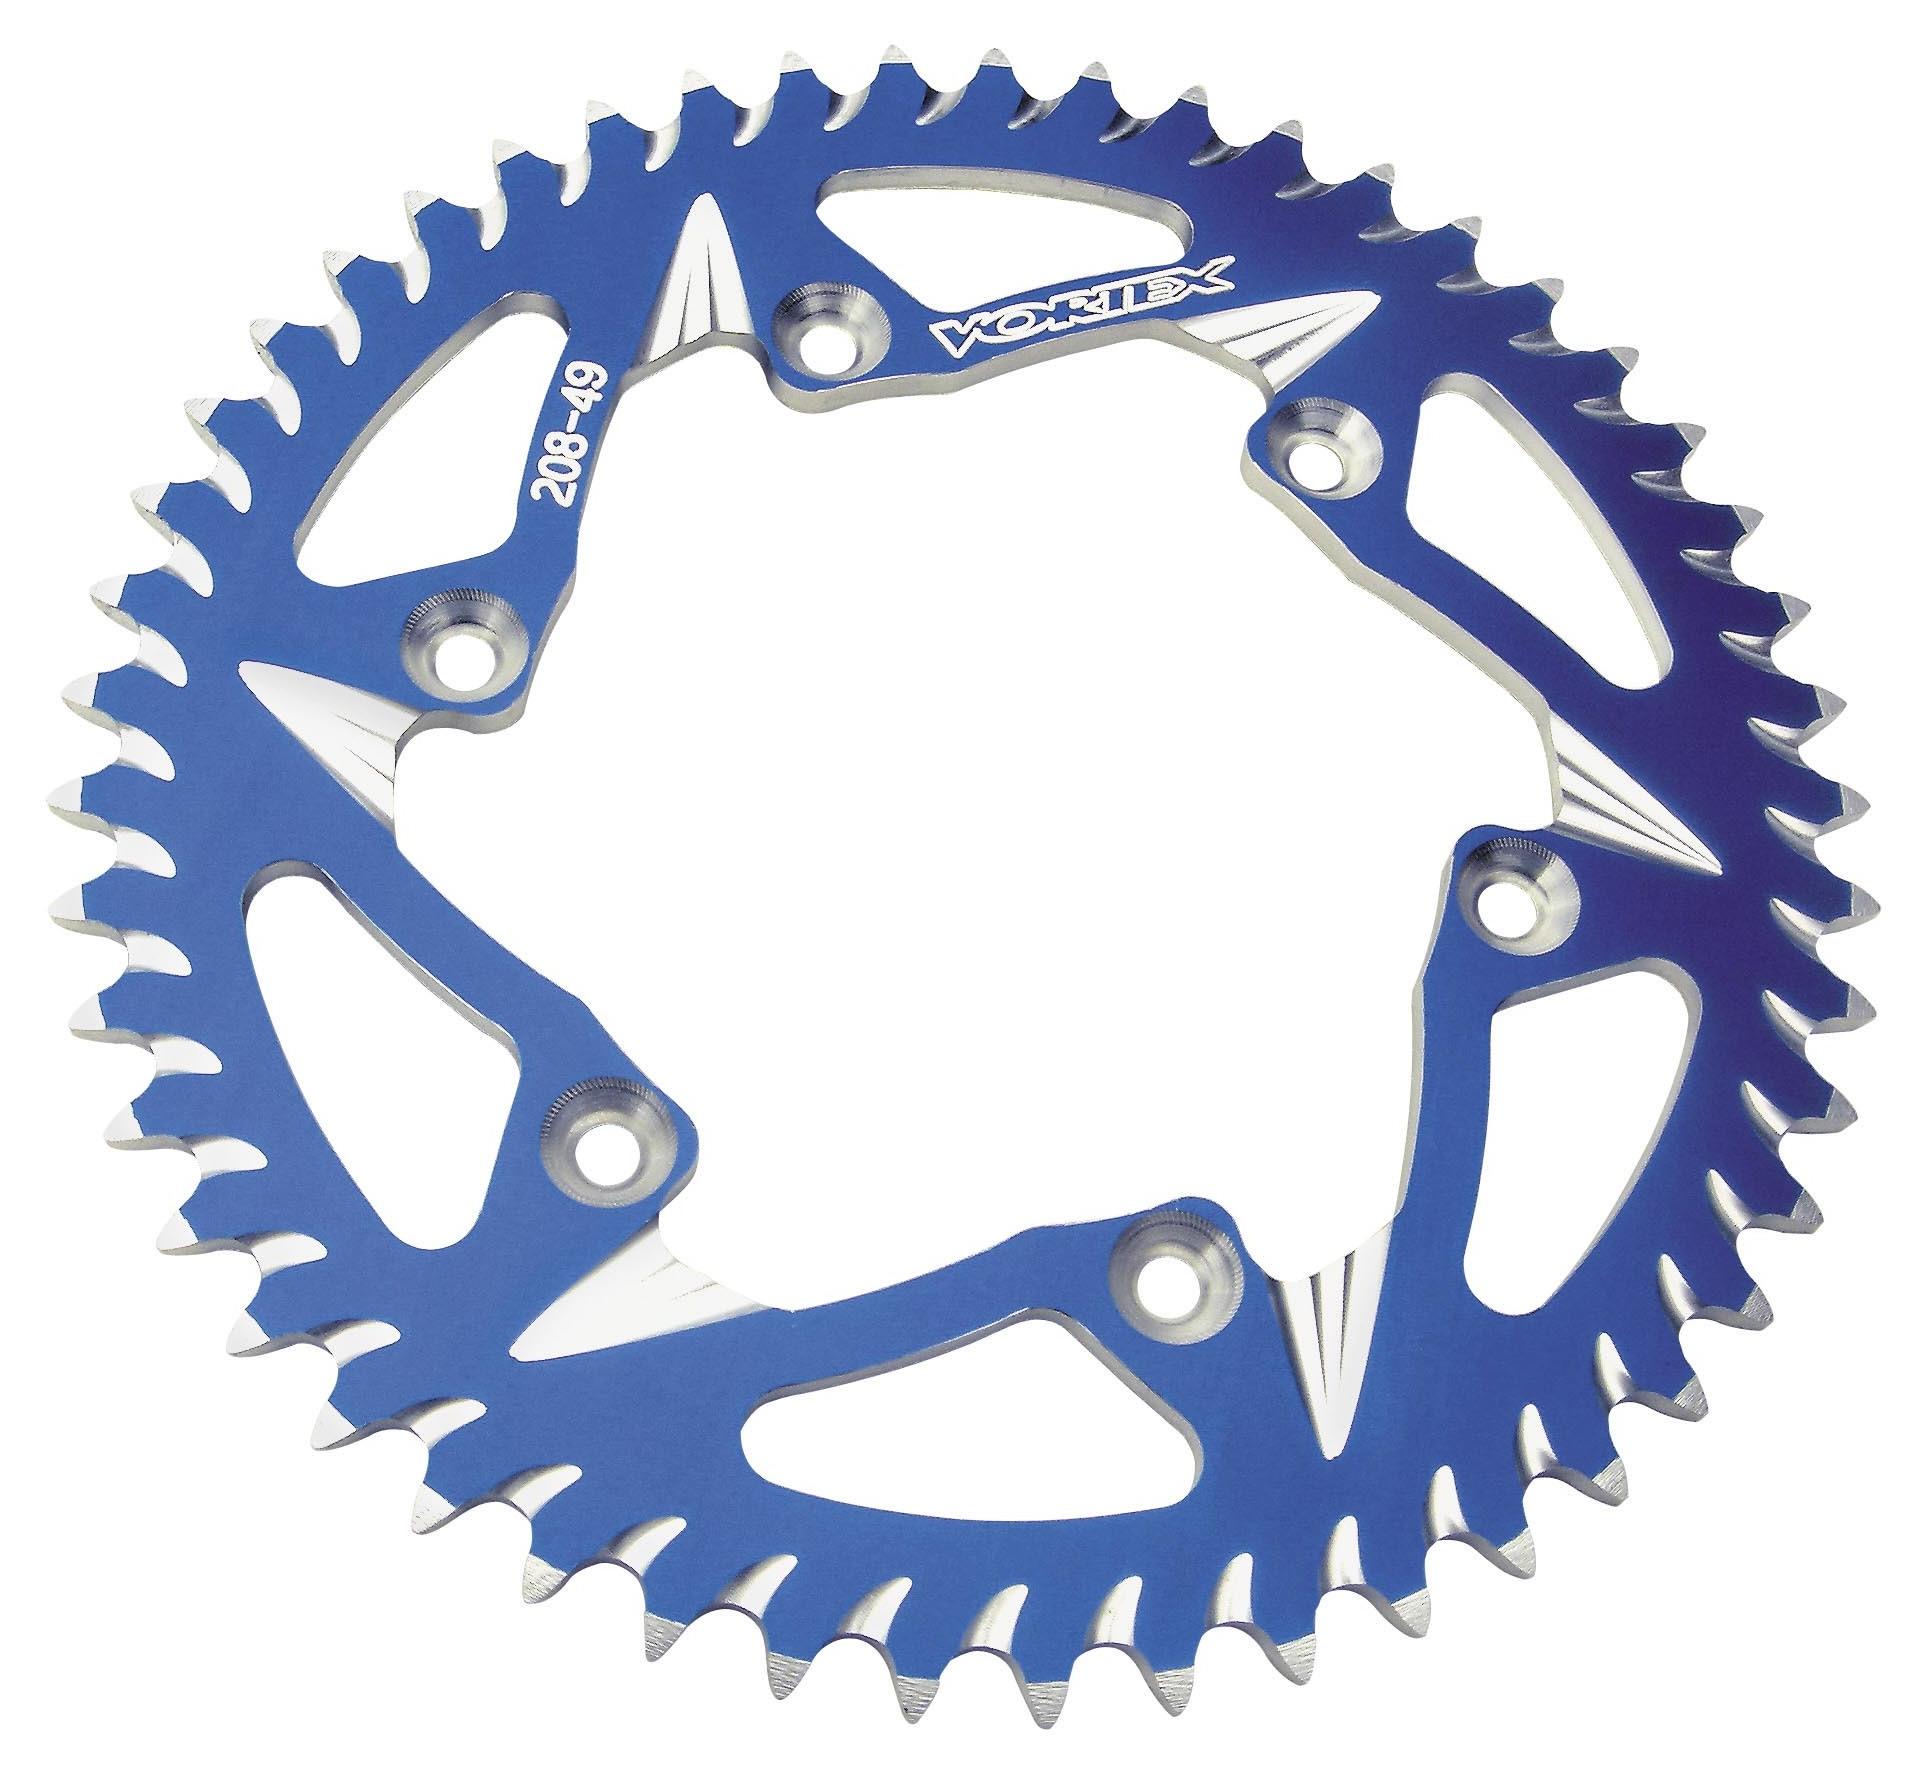 Vortex 120A-45 Silver 45-Tooth Rear Sprocket